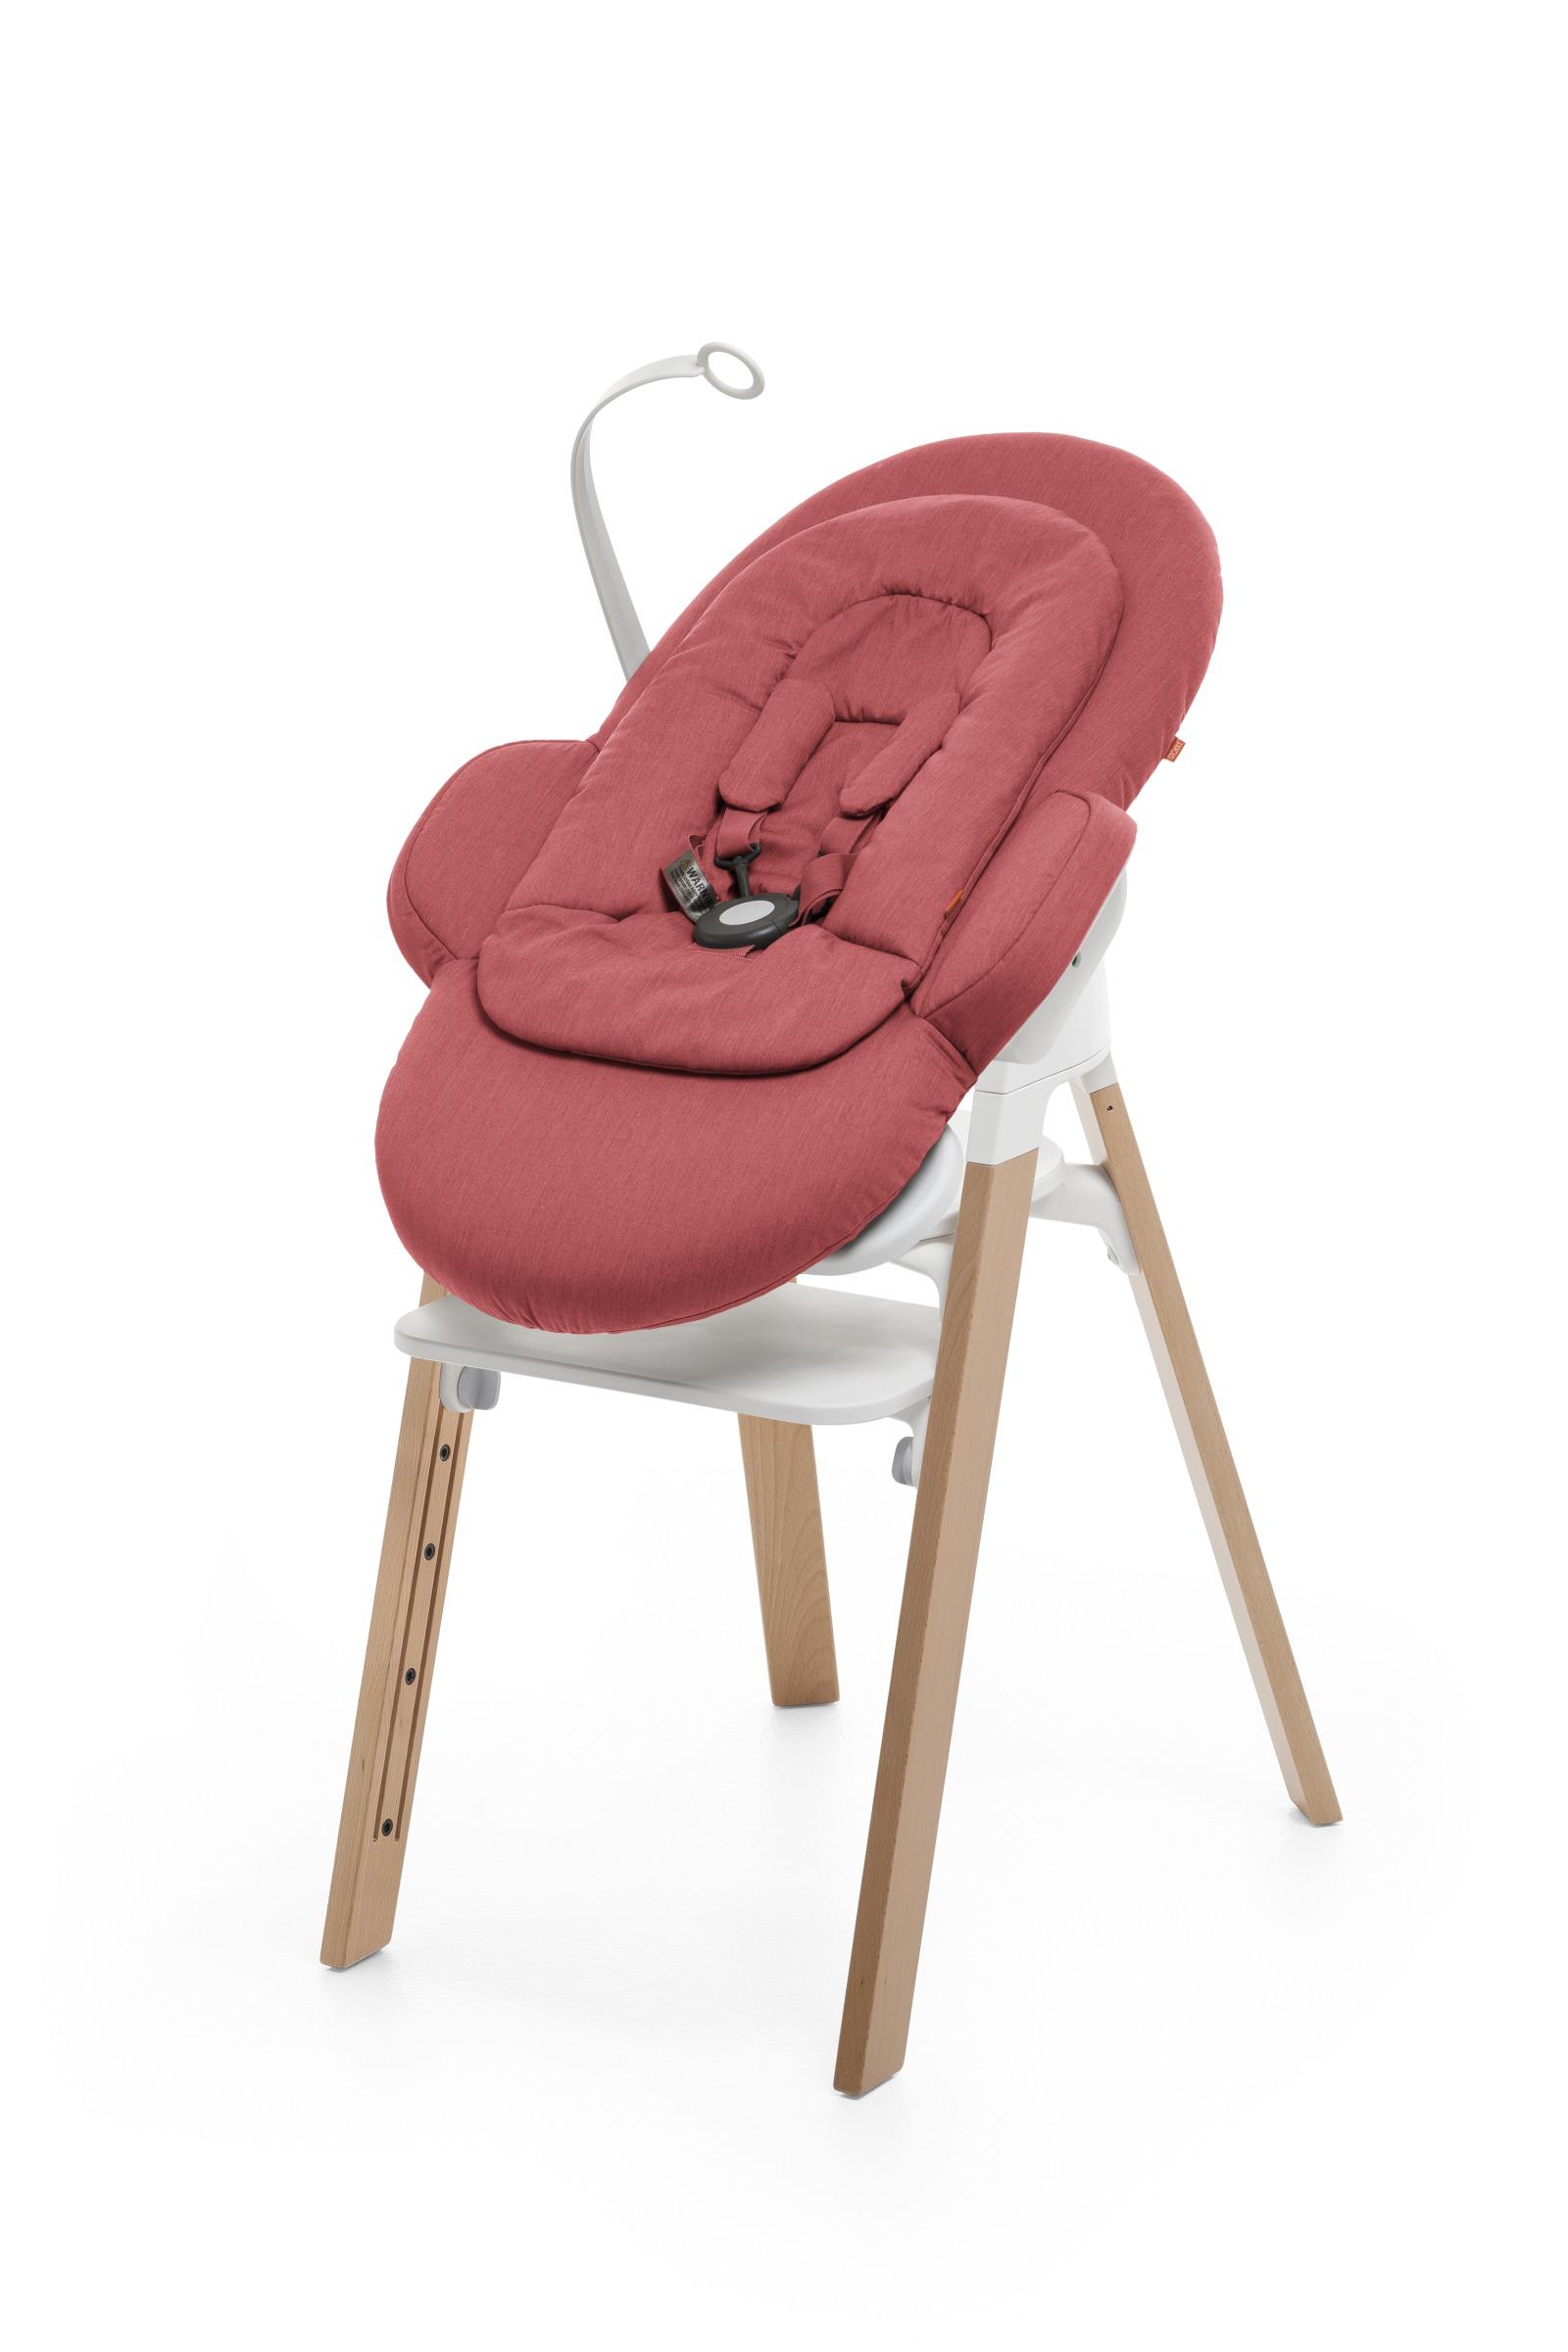 transat stokke steps rouge. Black Bedroom Furniture Sets. Home Design Ideas